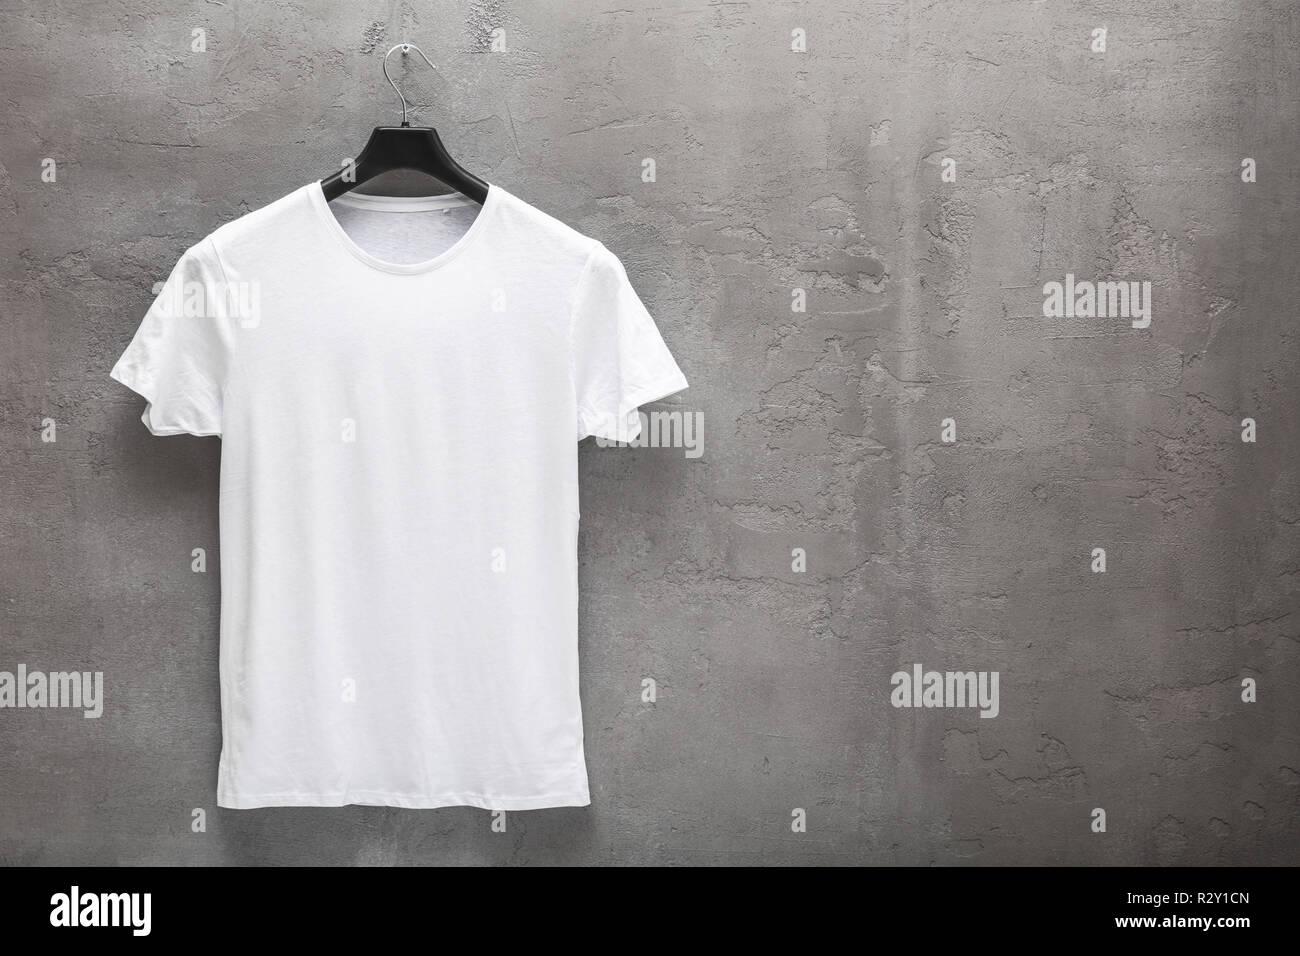 wholesale dealer 1991e 48706 Vorderseite der männlichen weißen Baumwoll-T-Shirt auf einem ...